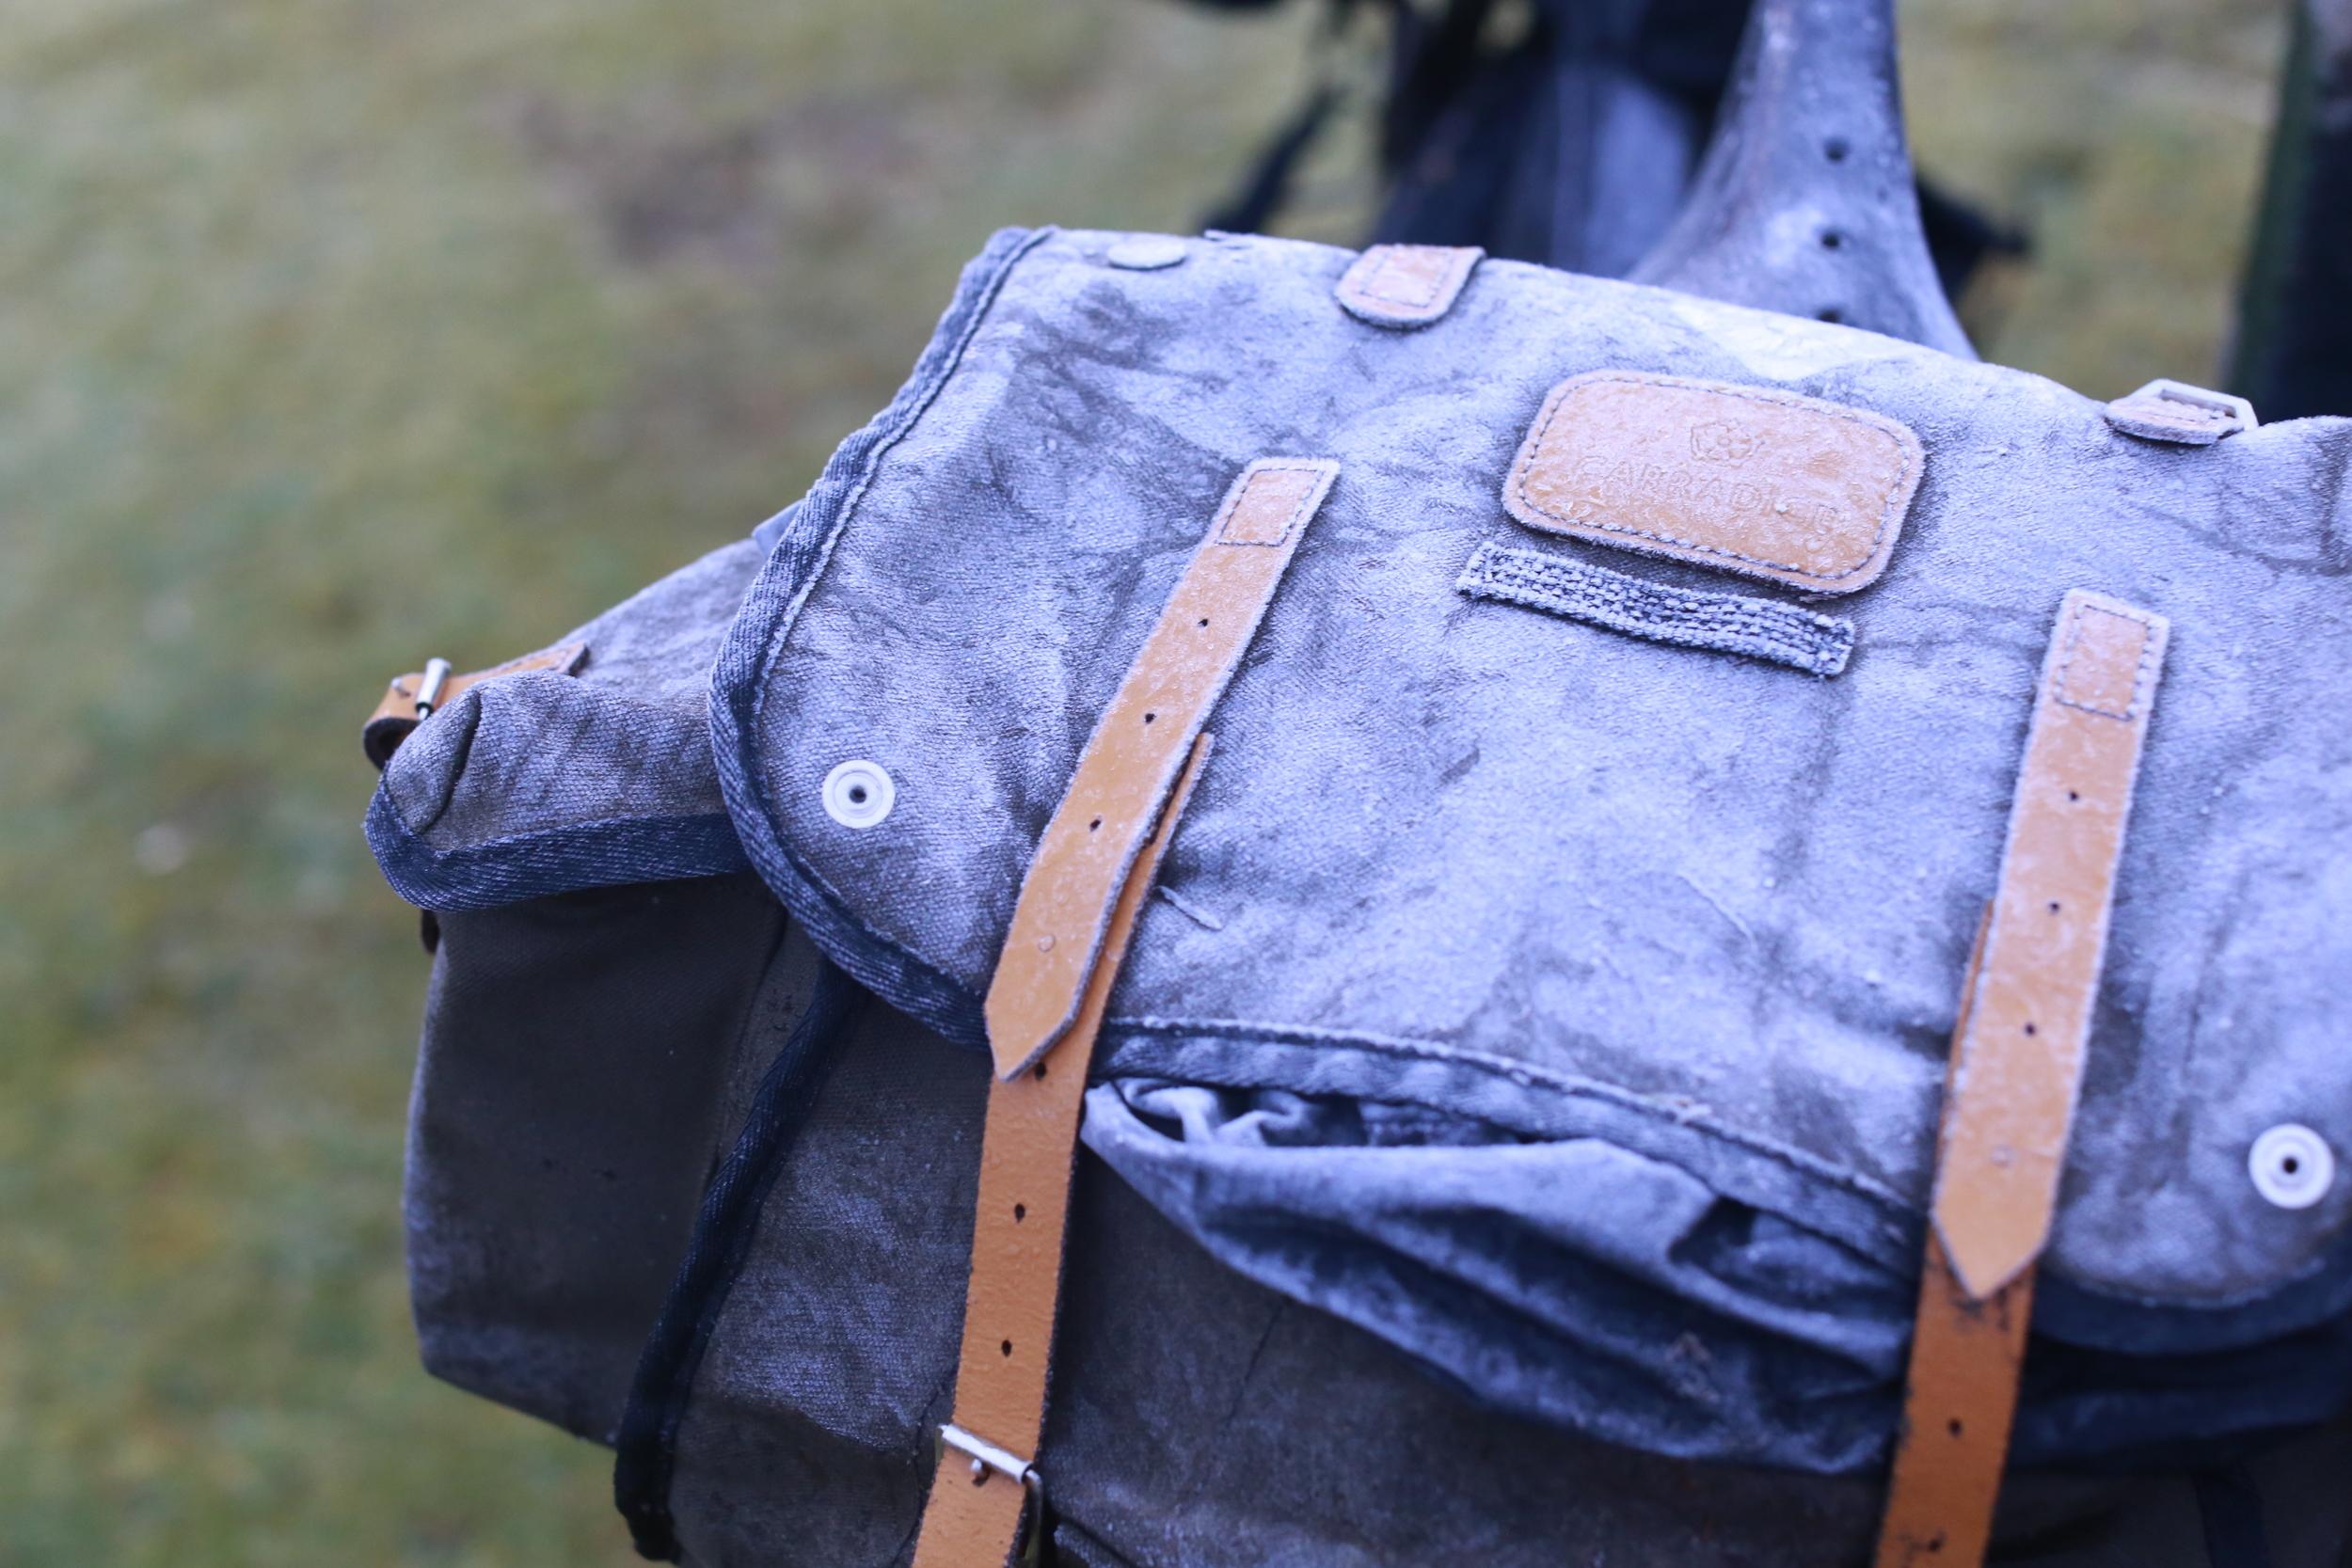 carradice, carradice longflap camper, carradice.co.uk, carradice.com, carradice bags of nelson, bikepacking, bikepacking bags, bikepacking blog, surly, surly ecr, tripod, travel tripod, explore, bicycle touring apocalypse, brooks, brooks saddles